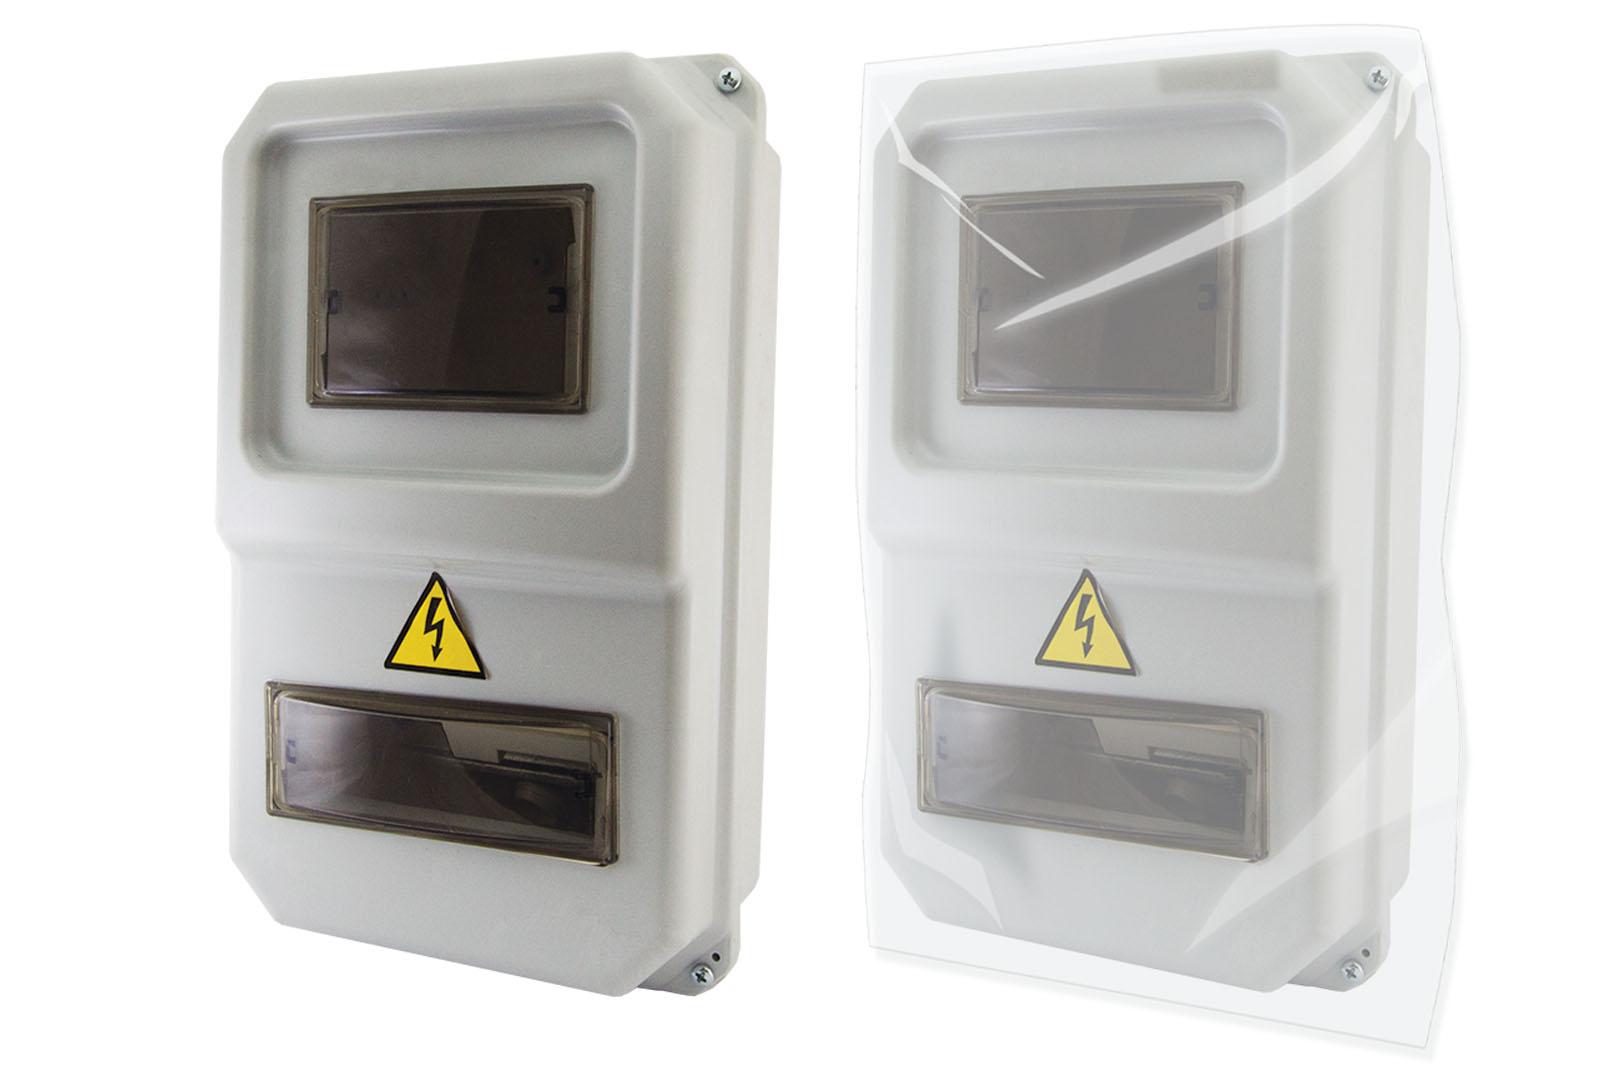 Щит учетно-распределительный ТДМЩиты электрические, боксы<br>Тип: щит,<br>Тип установки: навесной,<br>Материал: пластик,<br>Степень защиты от пыли и влаги: IP 54,<br>Использование: на улице,<br>Высота: 234,<br>Ширина: 383,<br>Глубина: 119,<br>Фазность счетчика: 1-фазный,<br>Количество модулей: 8<br>